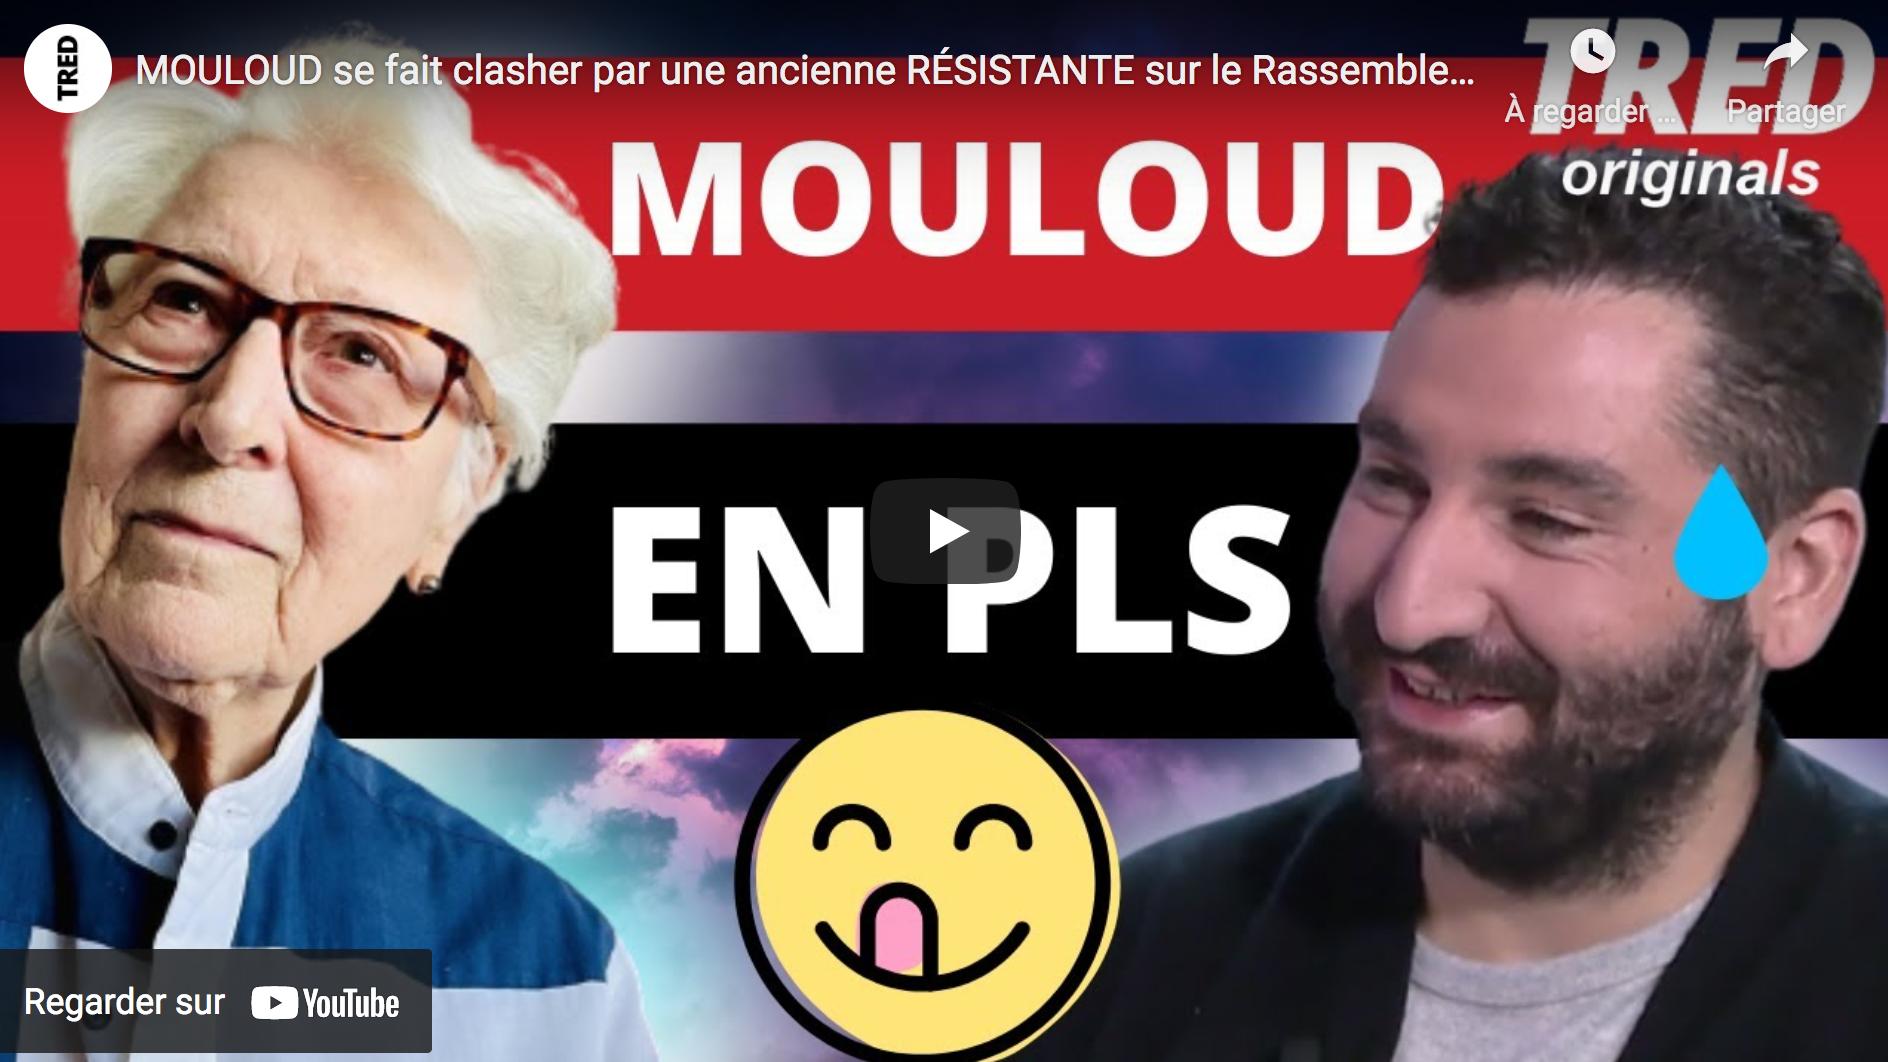 Le militant indigéniste Mouloud Achour se fait clasher par Colette Marin-Catherine, une ancienne résistante sur le Rassemblement National 😂 (VIDÉO)